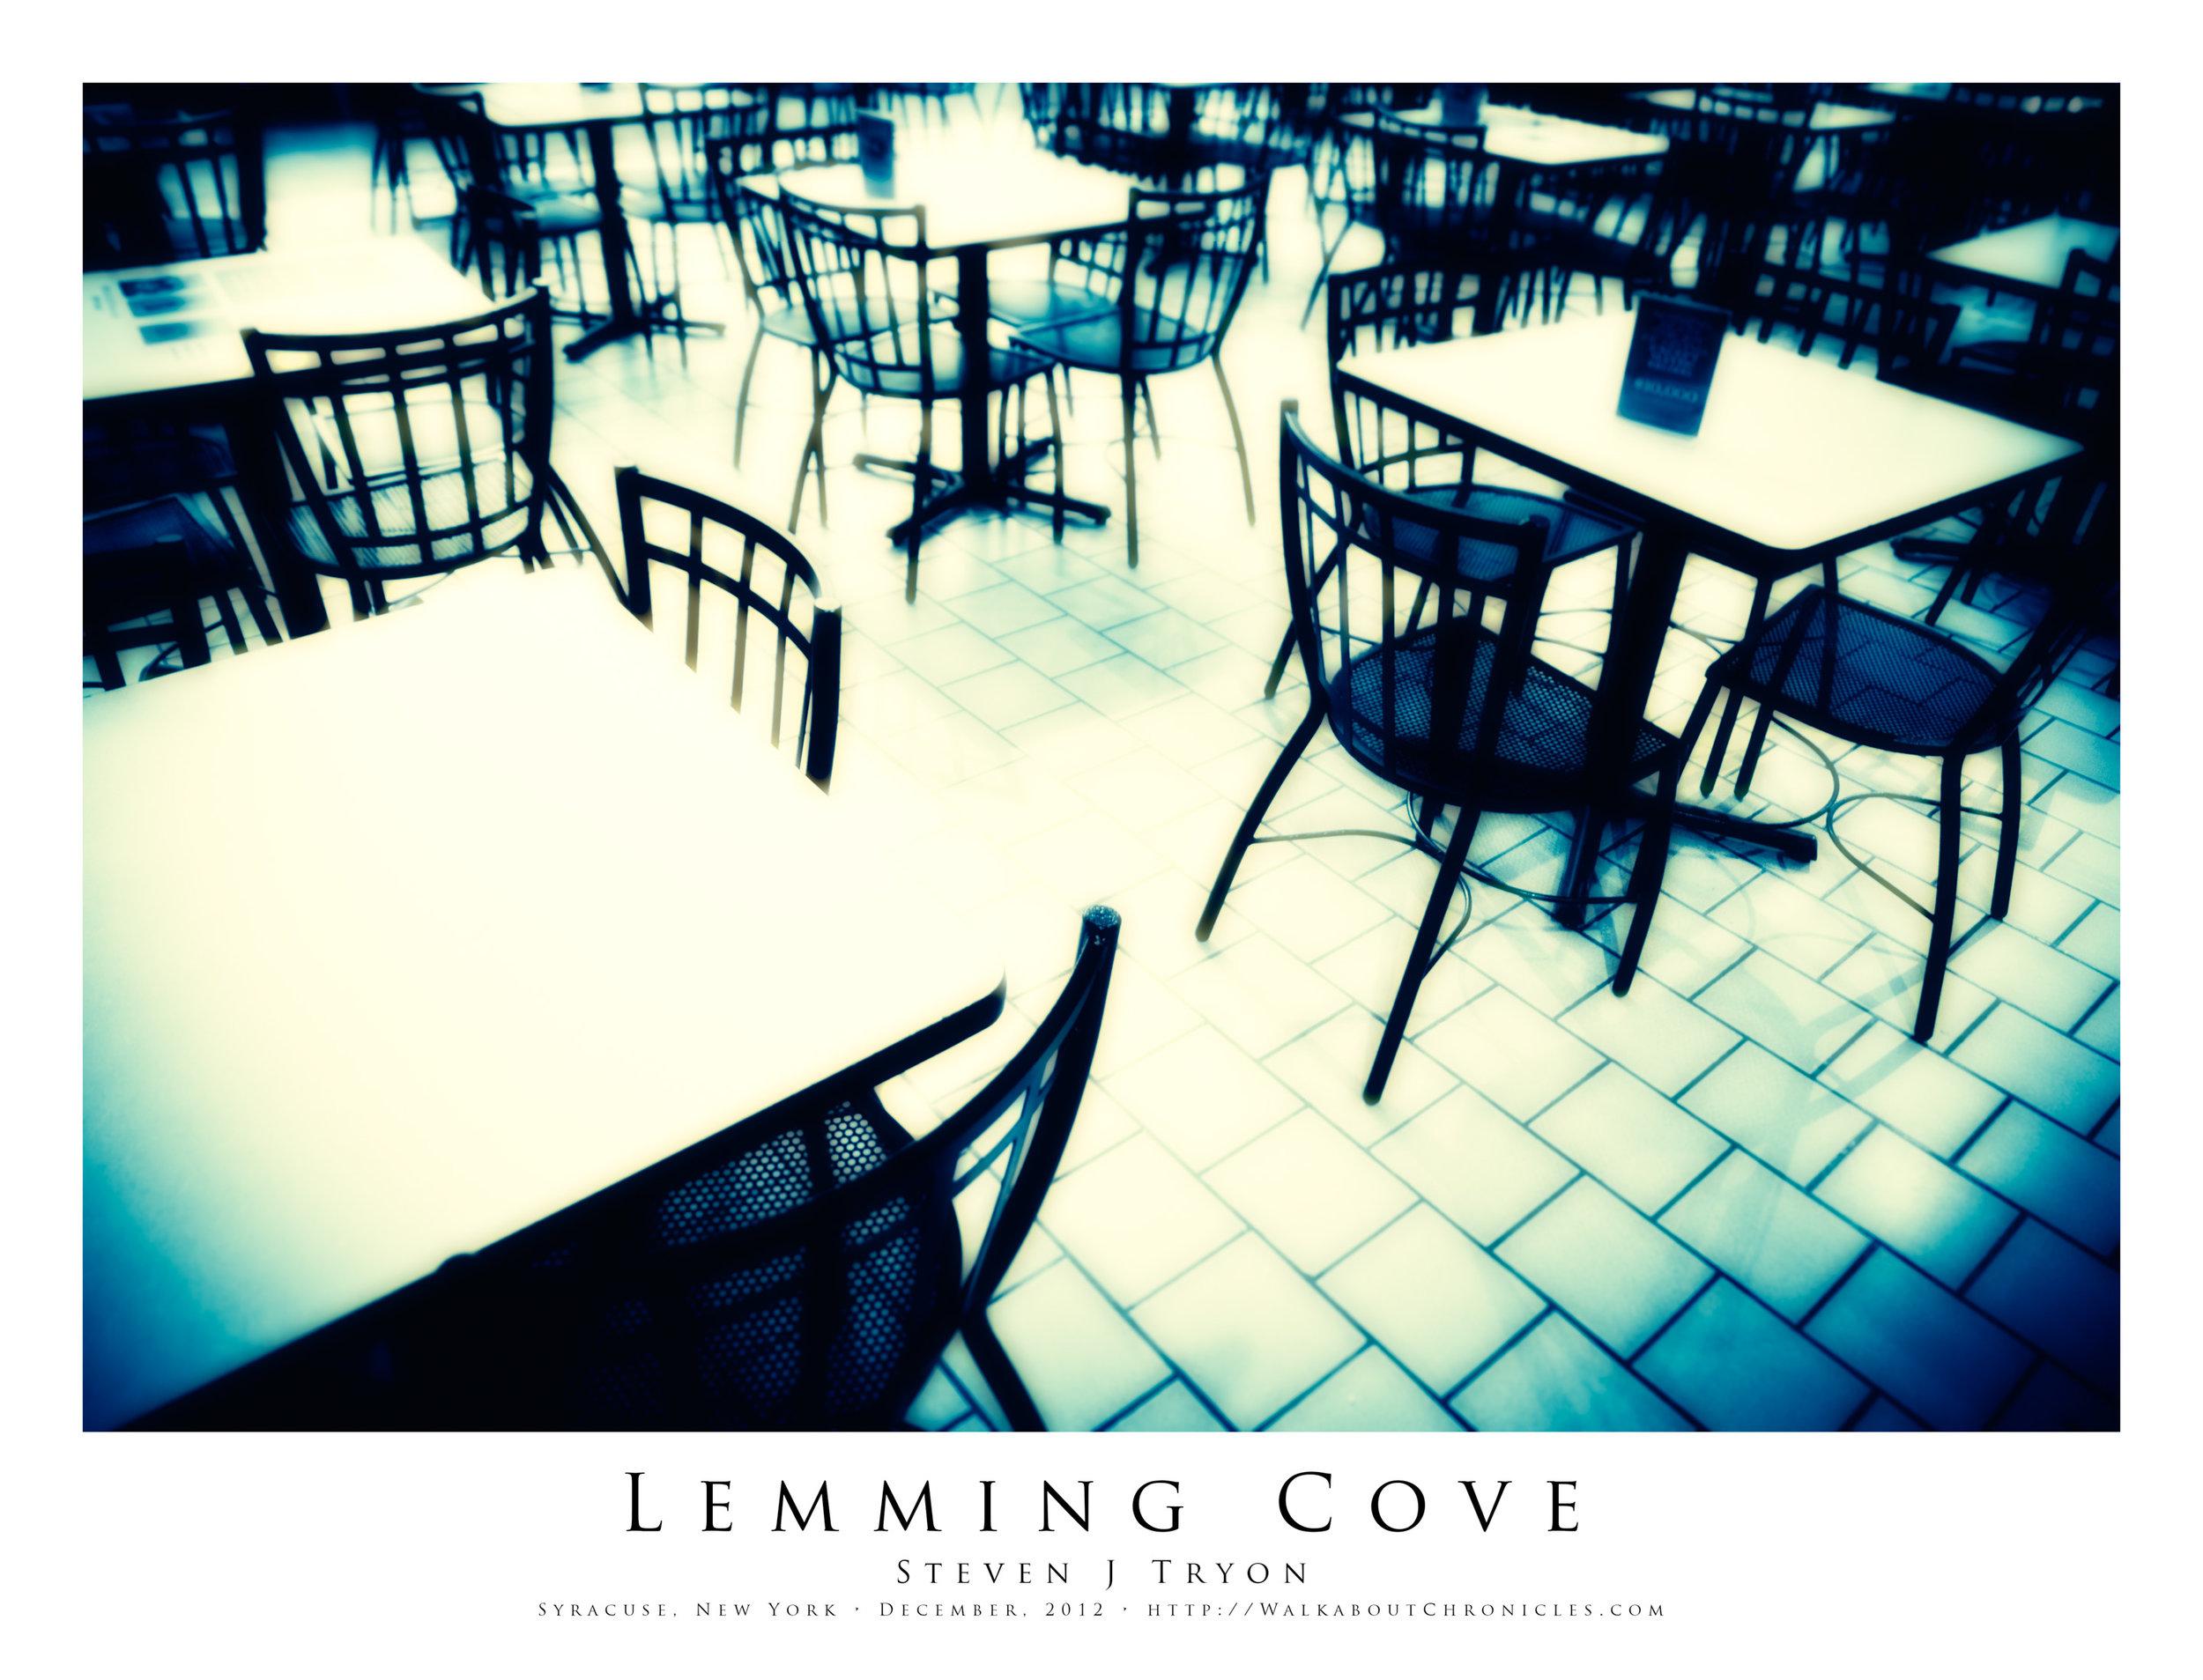 Lemming Cove